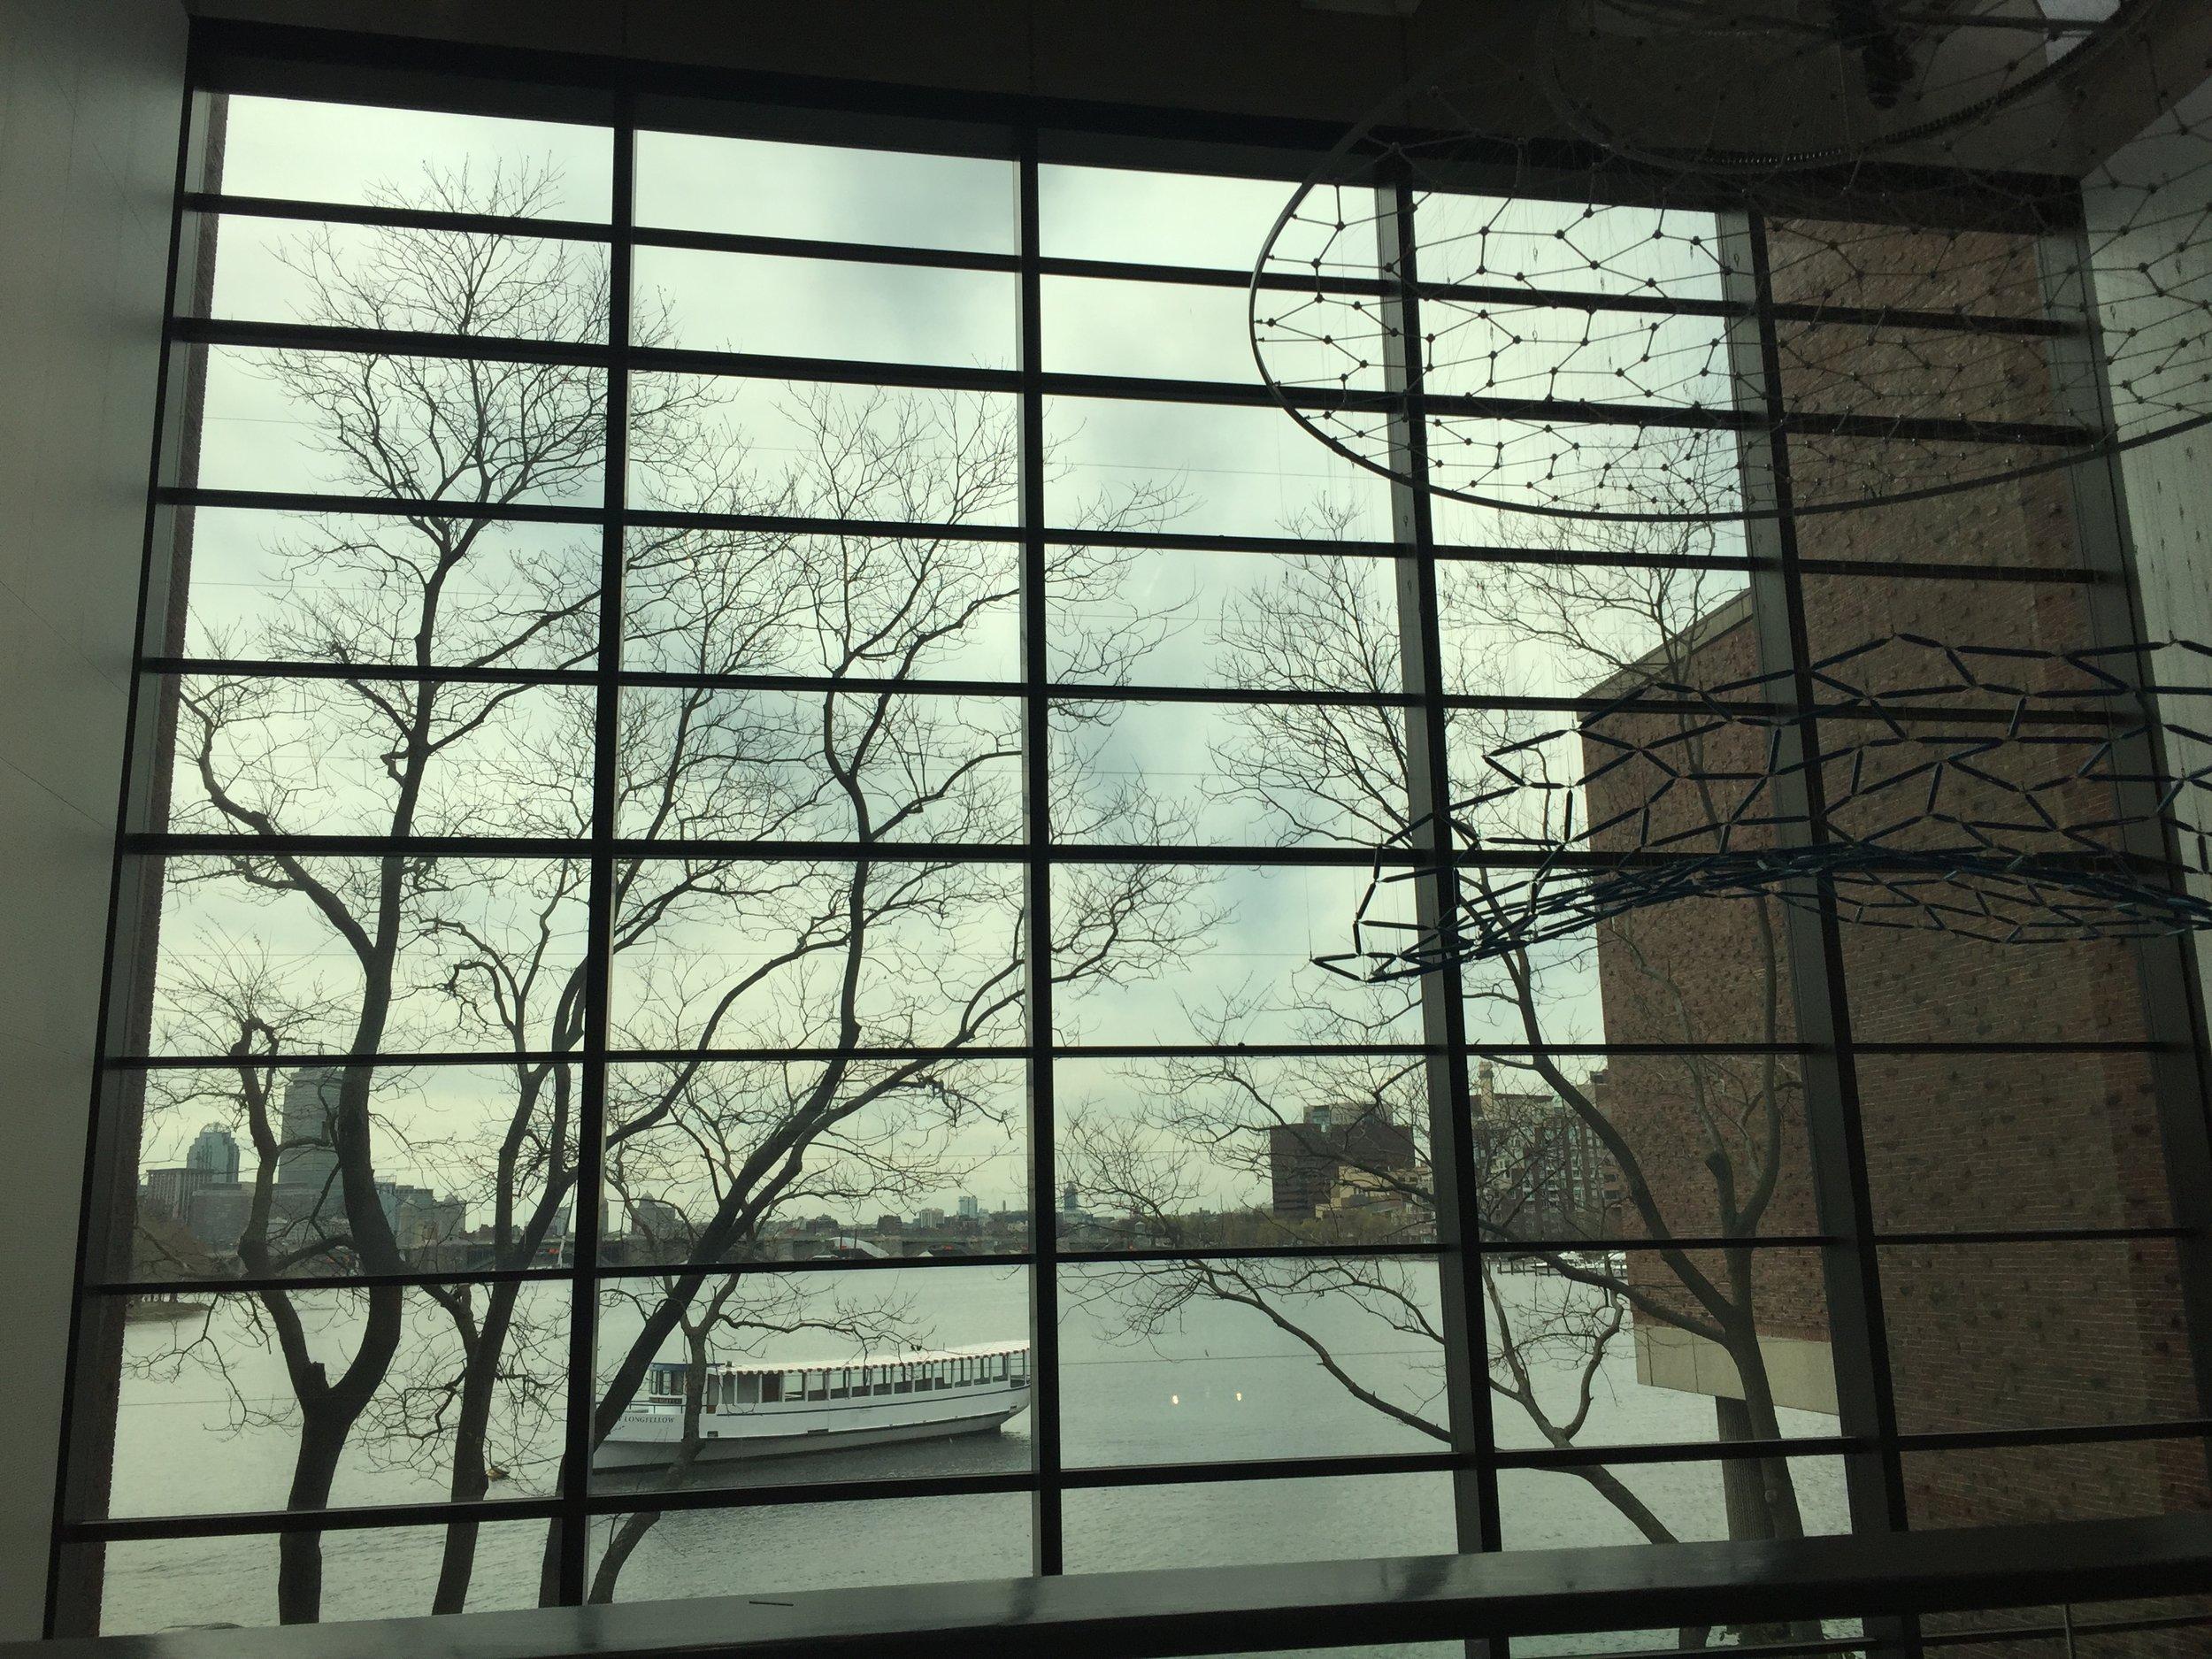 vista interna do museu para o rio